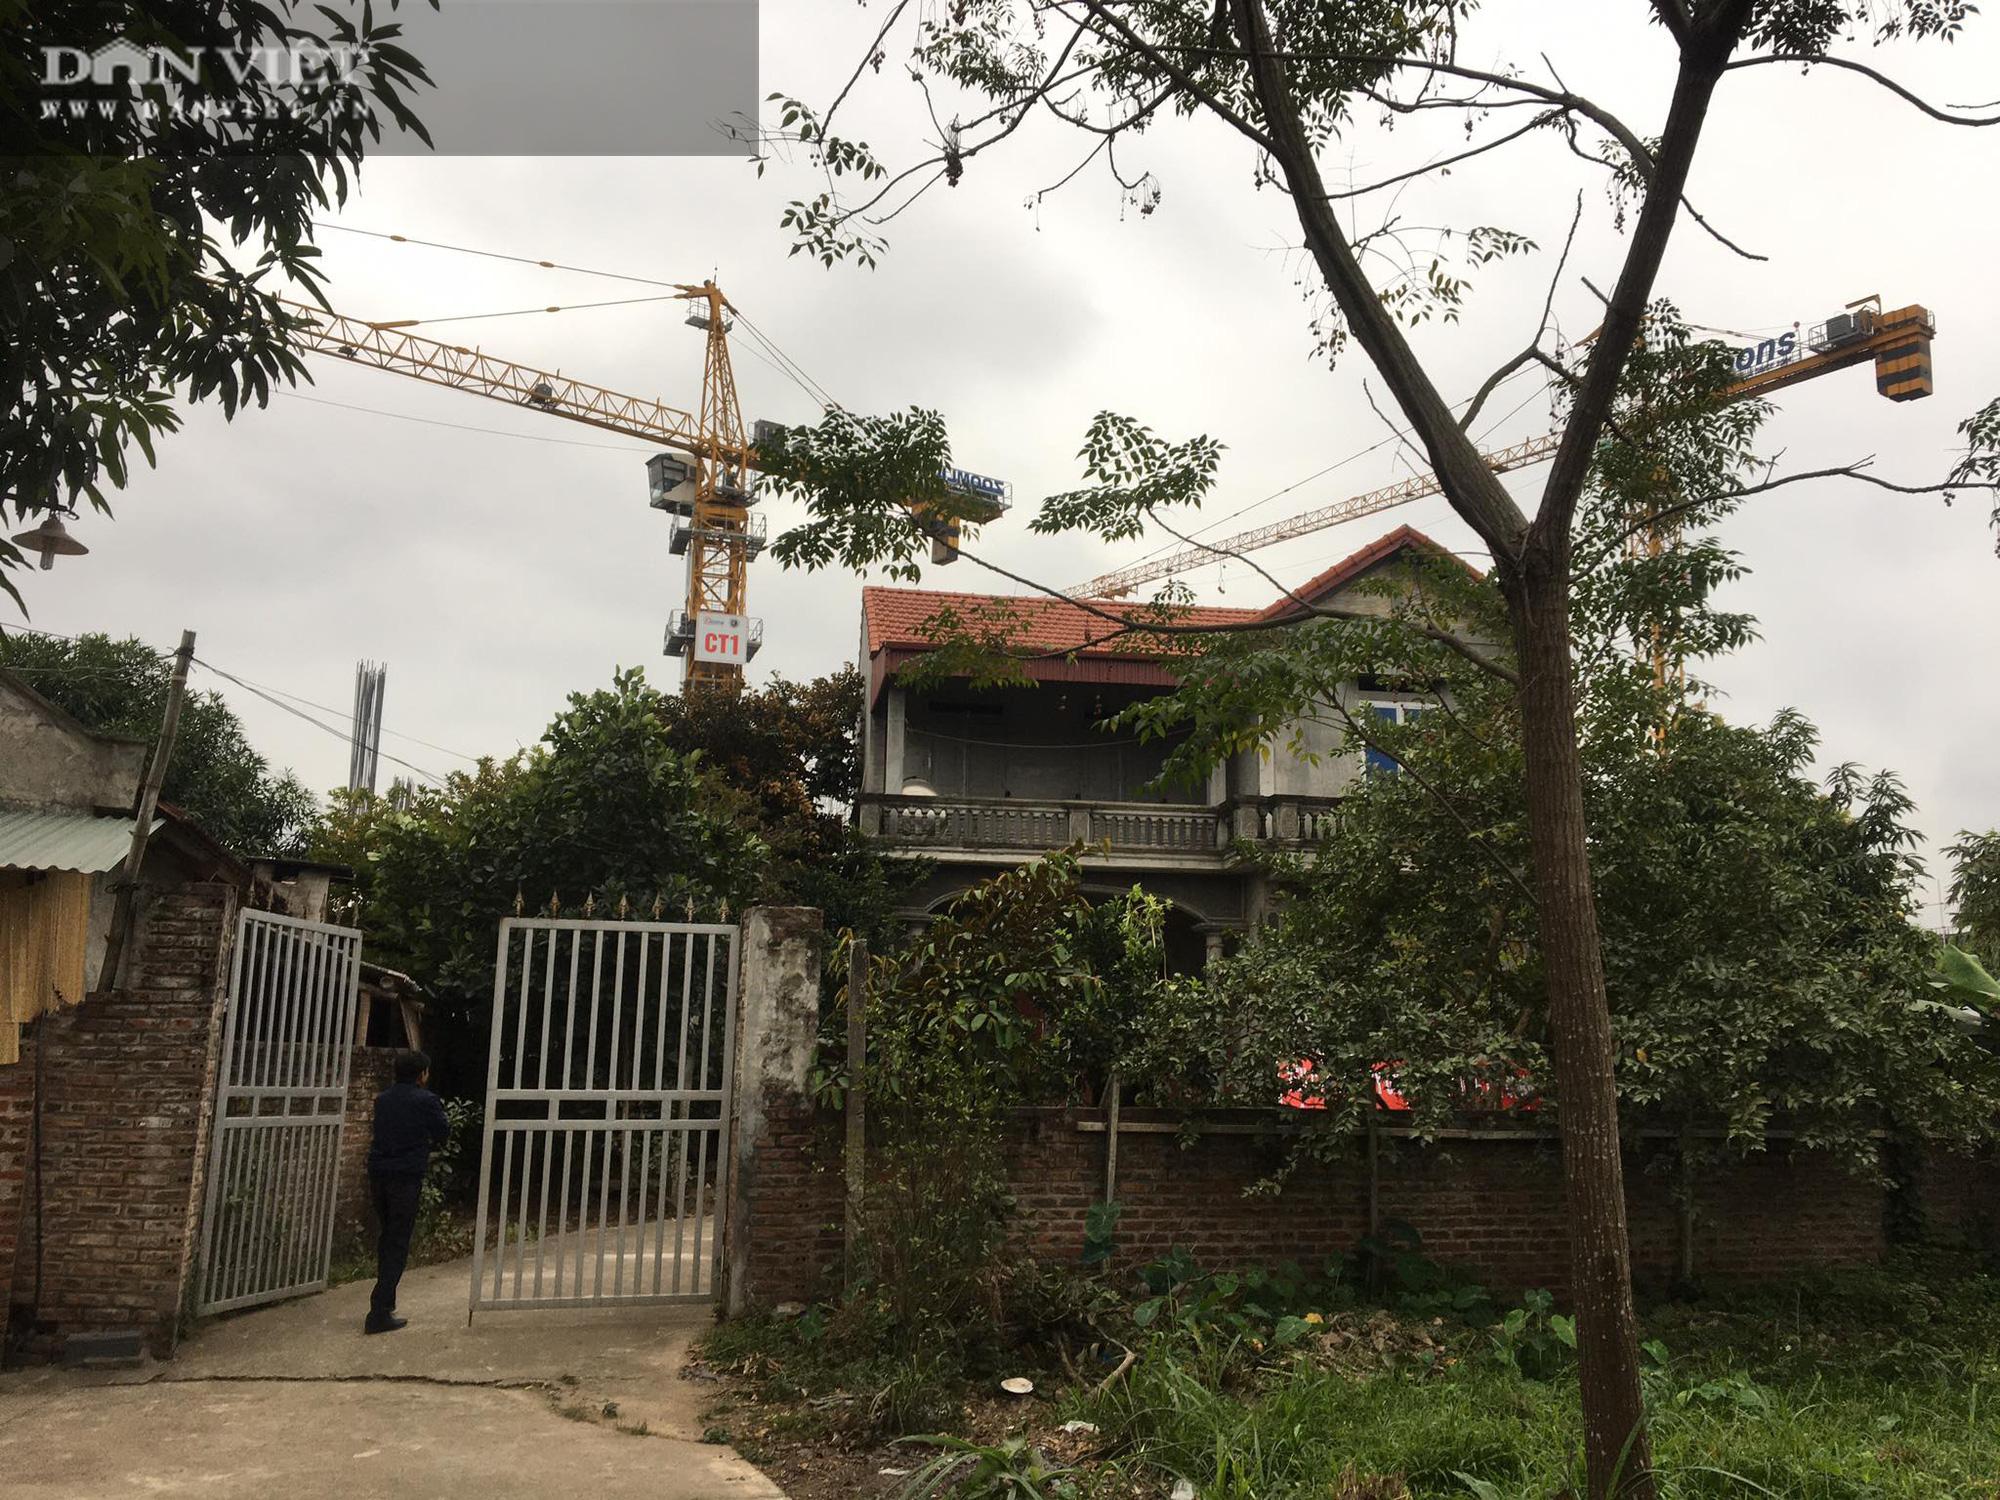 Phú Thọ: Dự án Whyndham từ giao bán trái phép, chưa có đánh giá ĐTM và hơn 10 nhà dân bị nứt - Ảnh 2.